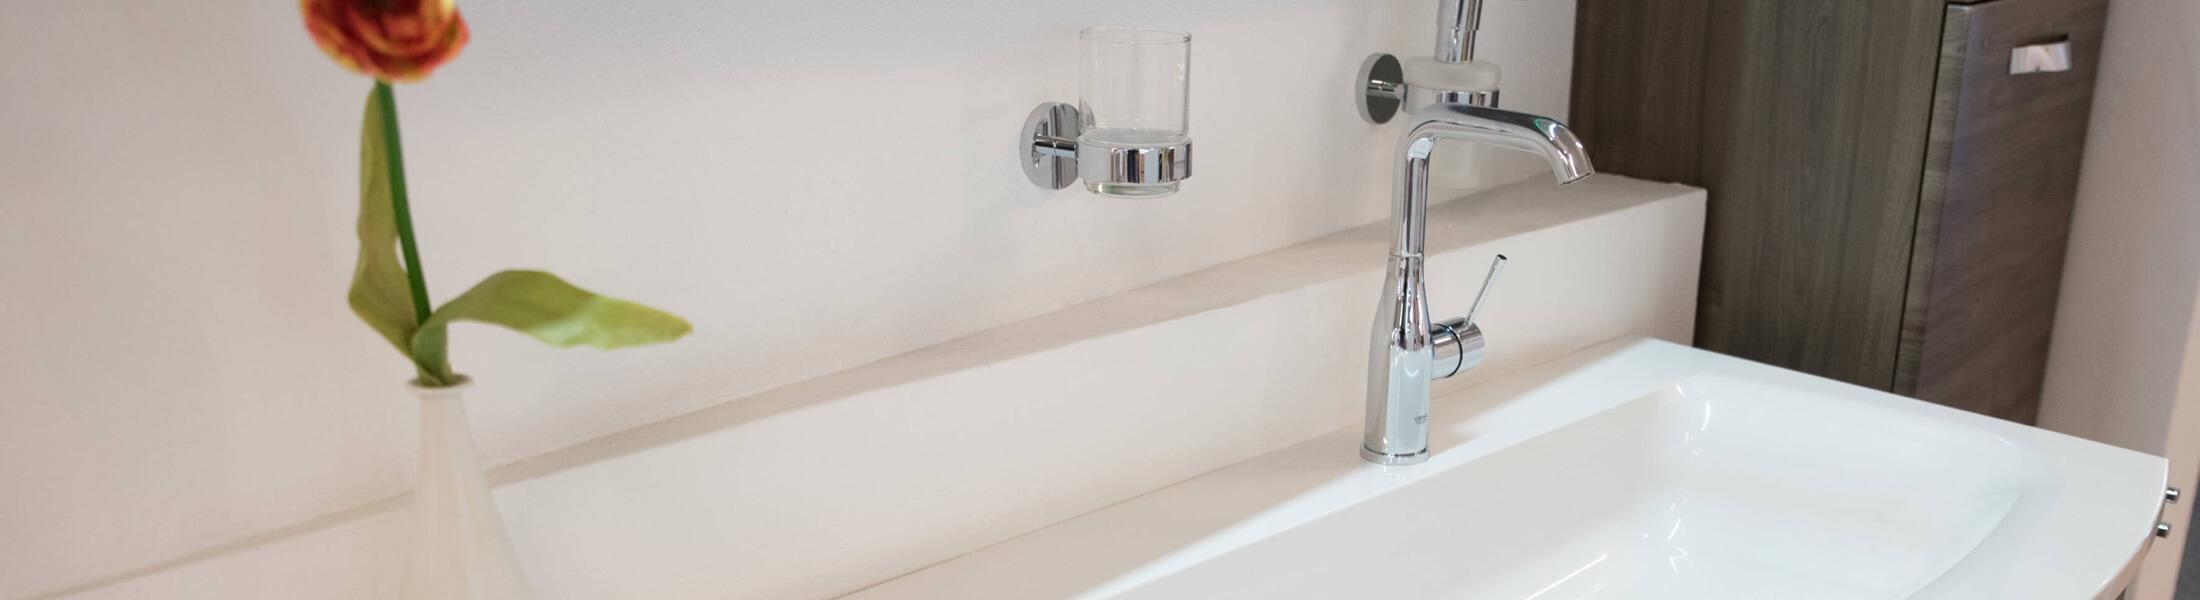 Installationsunternehmen für Sanitär- und Heizungstechnik